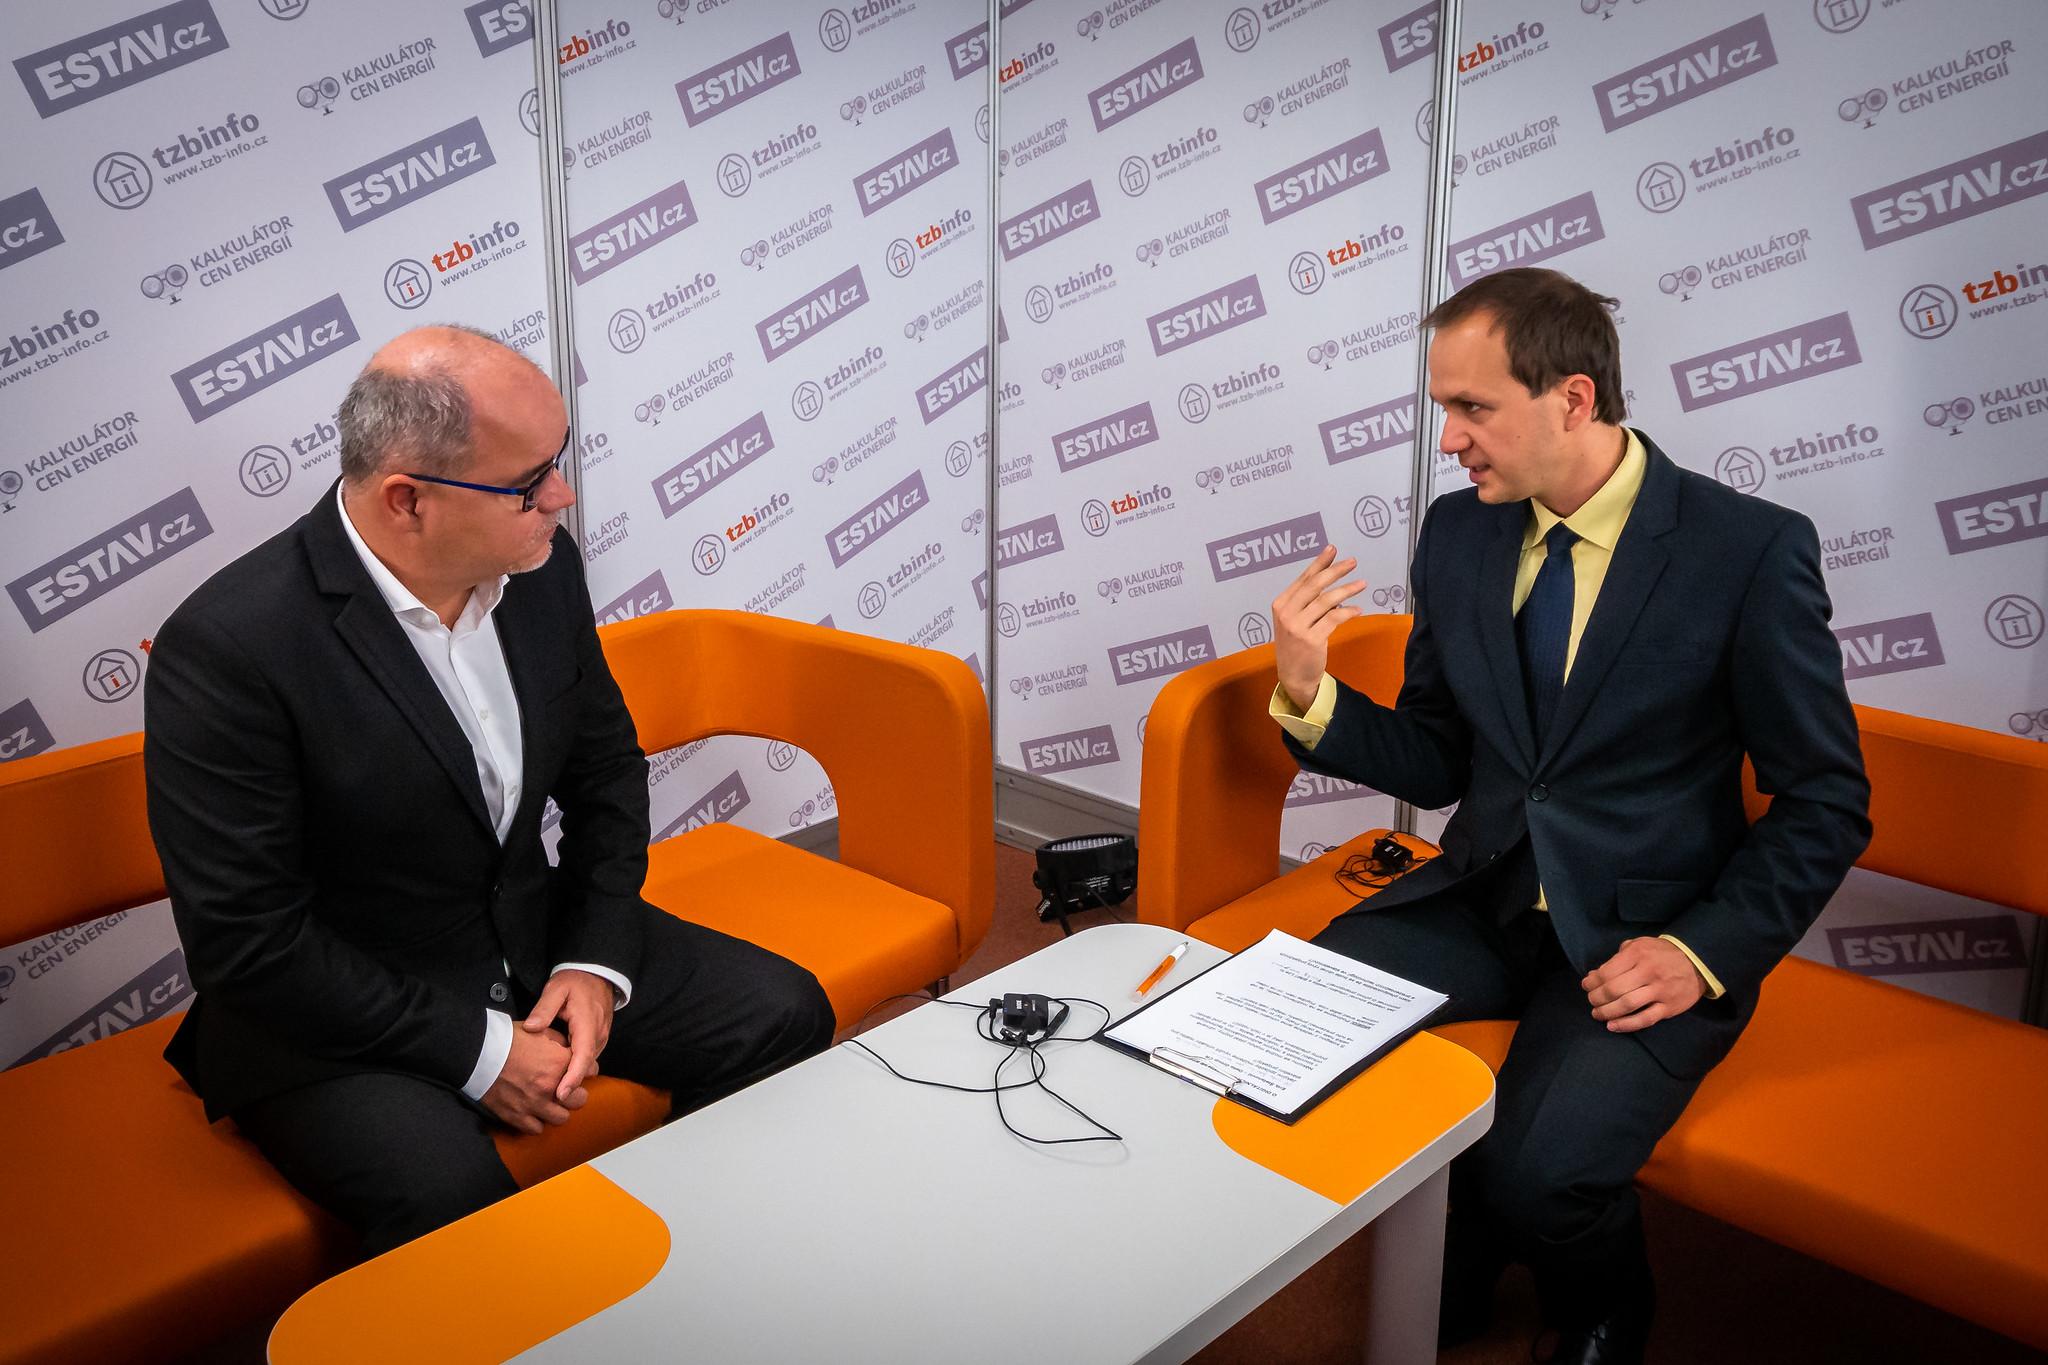 Rozhovor jednatele DELTA group Česká republika na téma virtuální realita a BIM